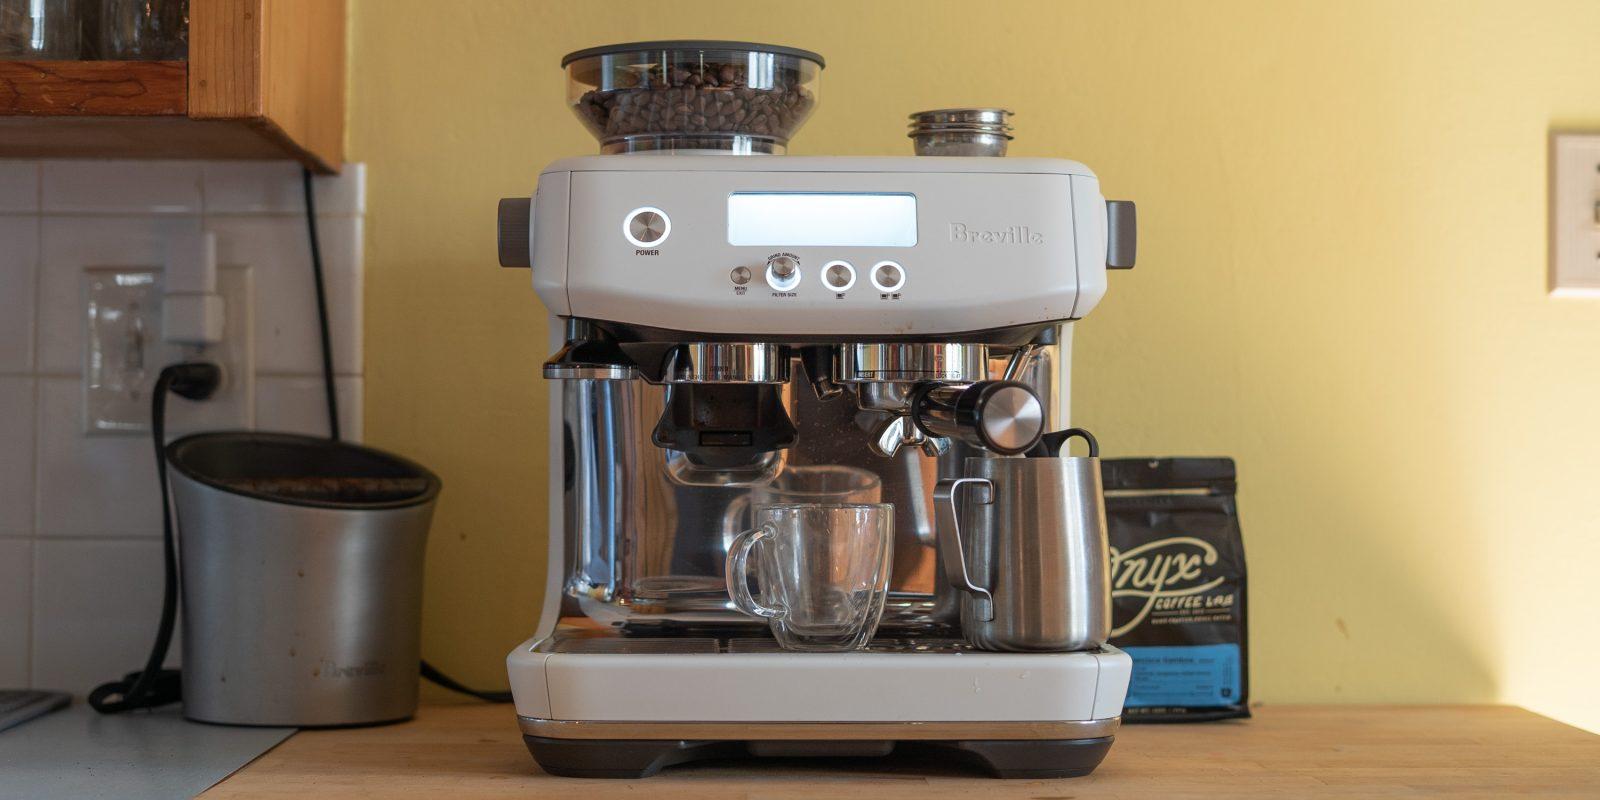 Breville Barista Pro Review: New design delivers amazing espresso [Video]